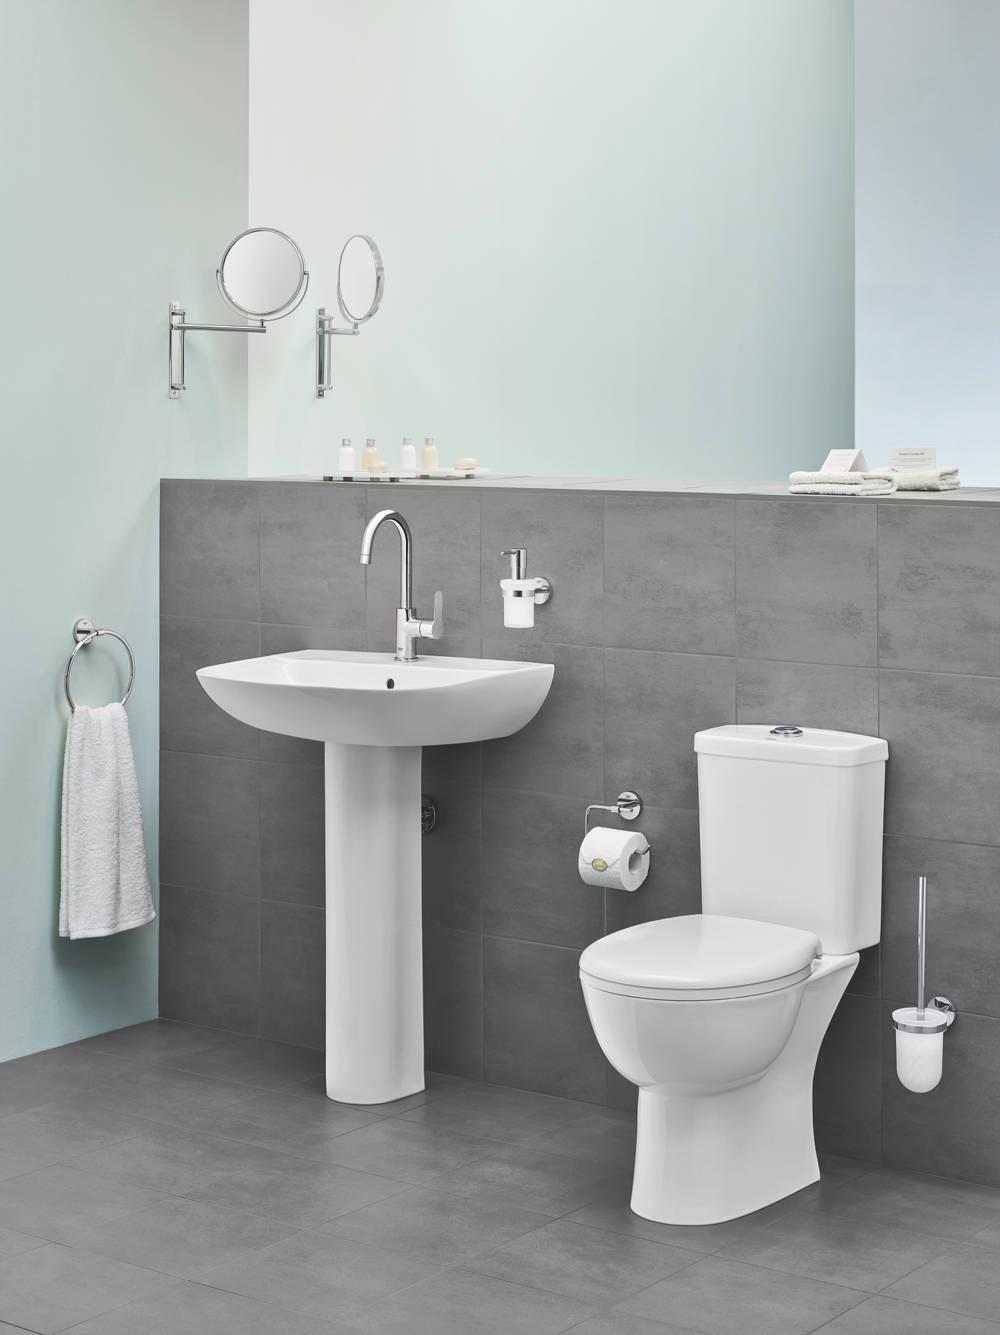 Umywalka na postumencie – zainspiruj się stylem retro